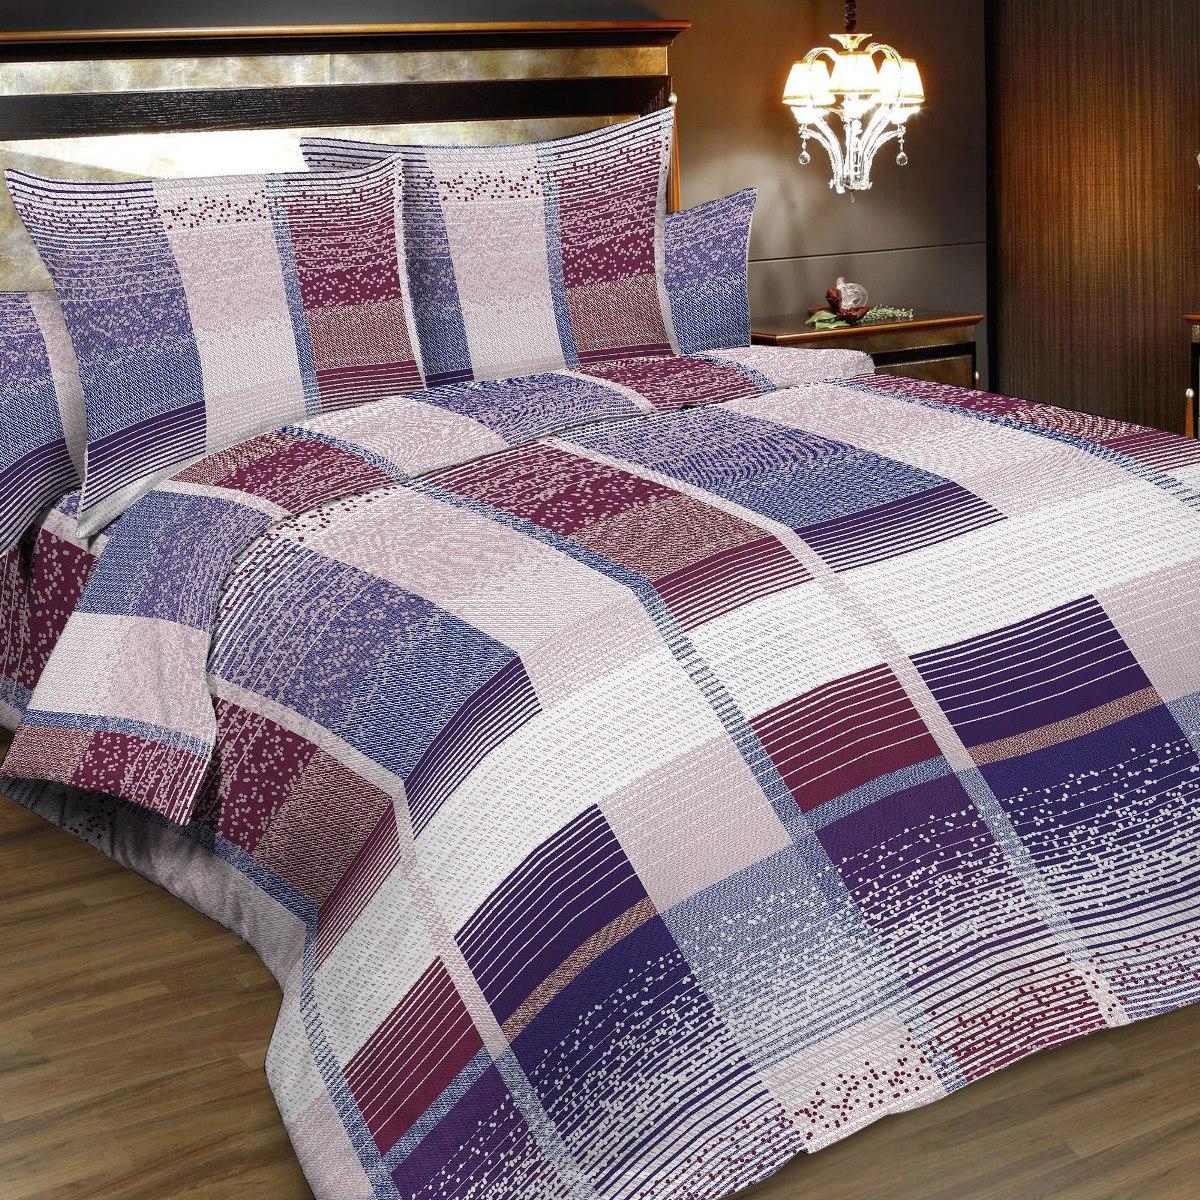 Комплект белья Letto, 2-спальный, наволочки 70х70, цвет: белый, синий, сиреневый. B160-4B160-4Комплект белья Letto состоит из пододеяльника на молнии, простыни и двух наволочек, декорированных принтом в клетку. Белье выполнено из классической российской бязи. Ткань плотная, меньше сминается, изготовлена с использованием современных устойчивых красителей. Традиционная российская бязь выгодно отличается от импортных аналогов по цене, при том, что сама ткань толще и служит намного дольше. Рекомендуется перед первым использованием постирать, но не пересушивать. Применение кондиционера при стирке сделает такое постельное белье мягче и комфортней.